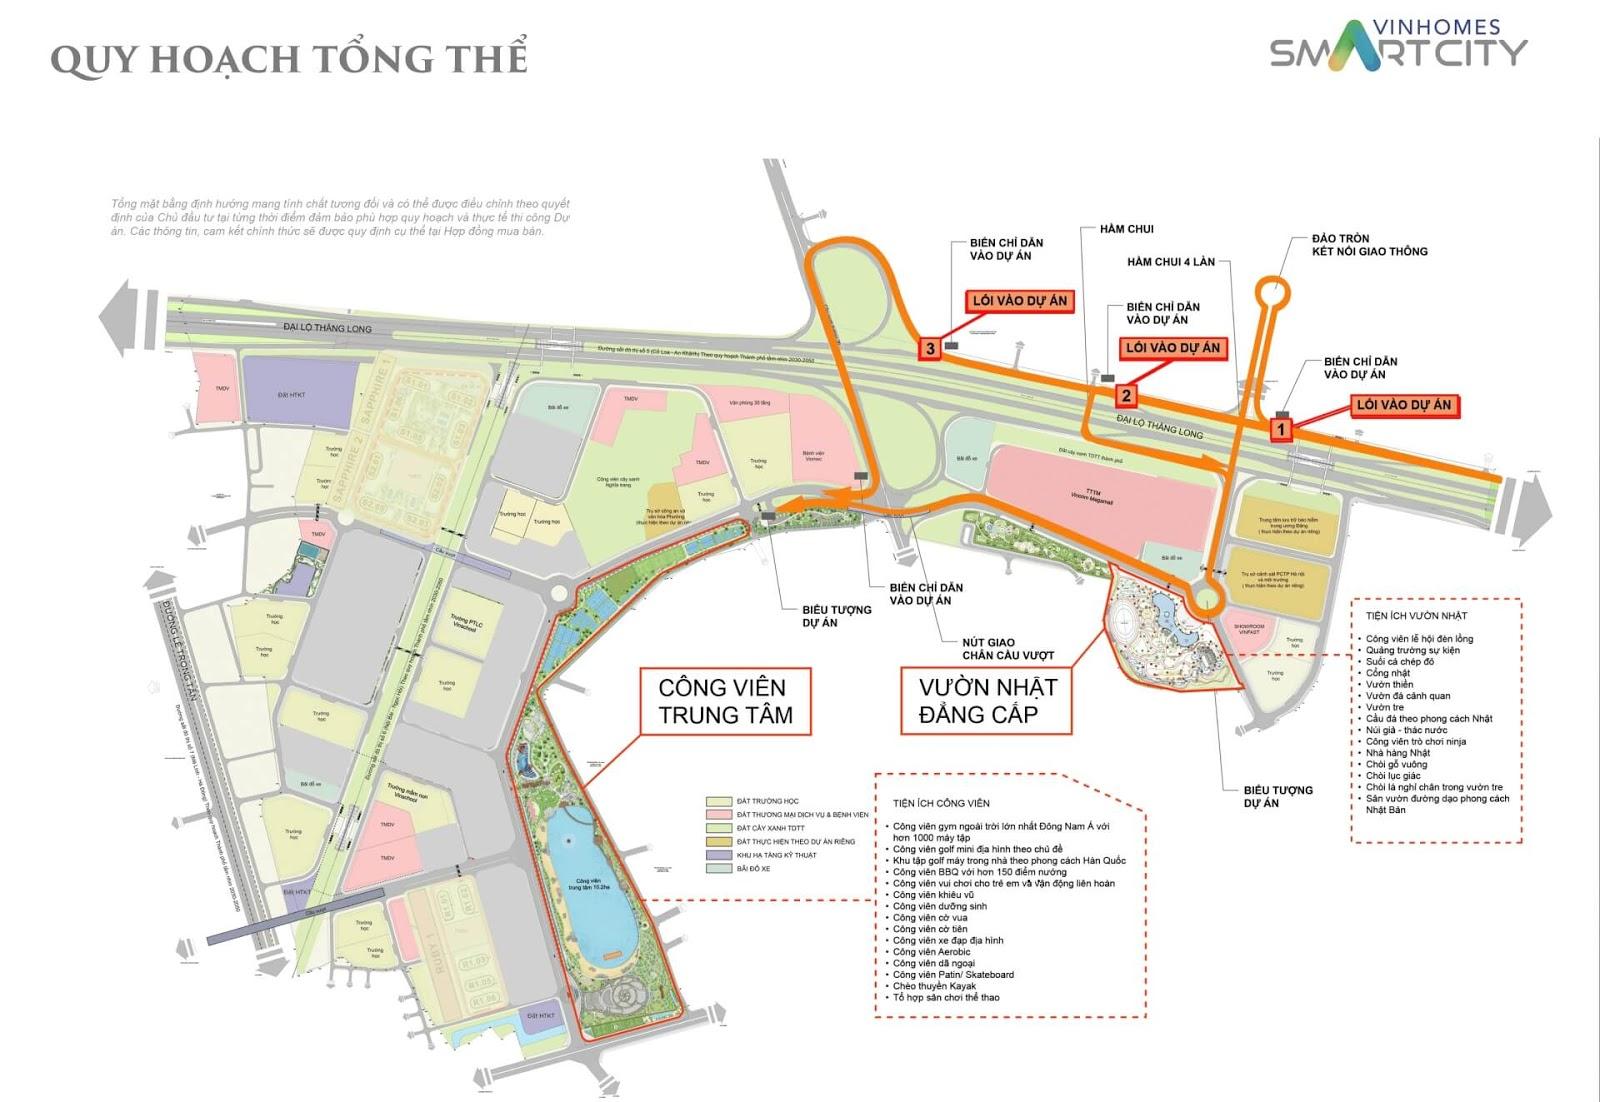 Bản đồ quy hoạch tổng thể Vinhomes Smart City